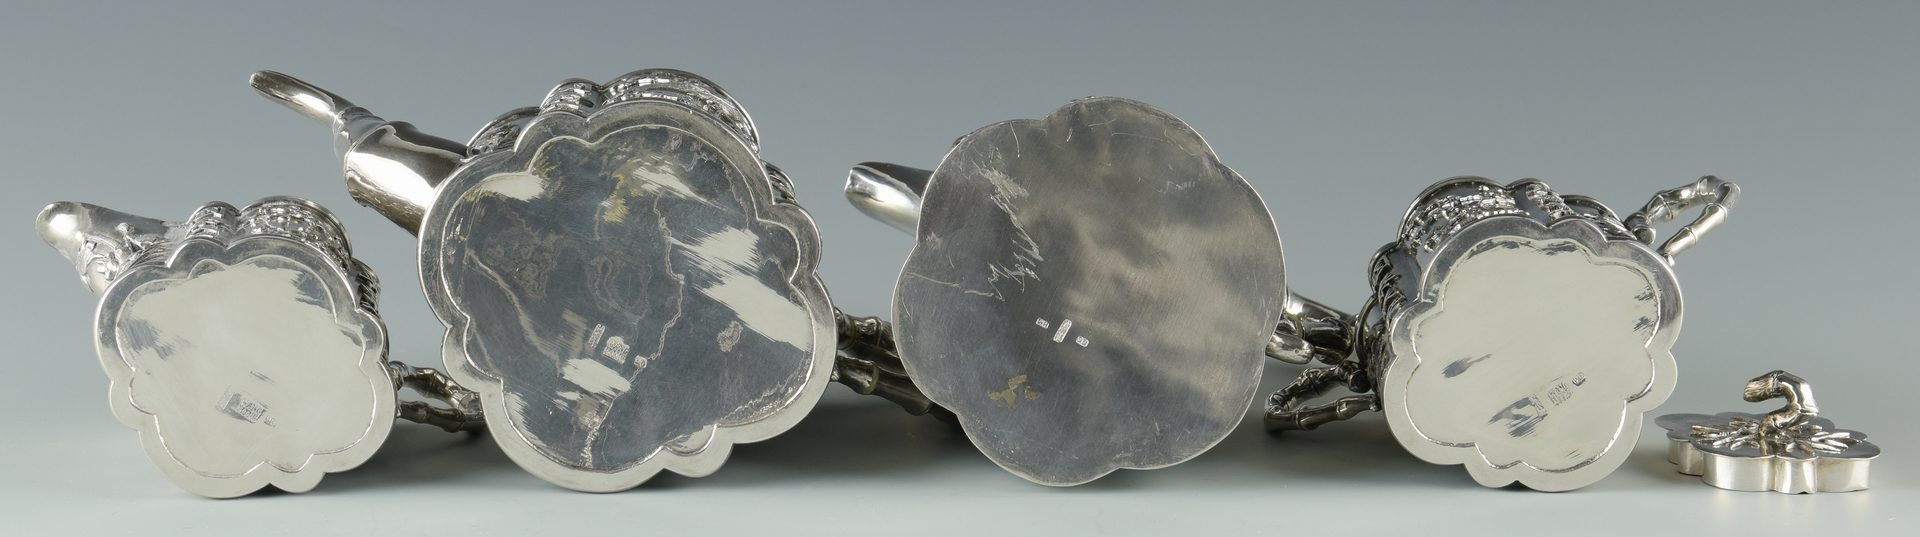 Lot 2: Chinese Export Silver Tea Set, 5 pcs, Wang Hing;